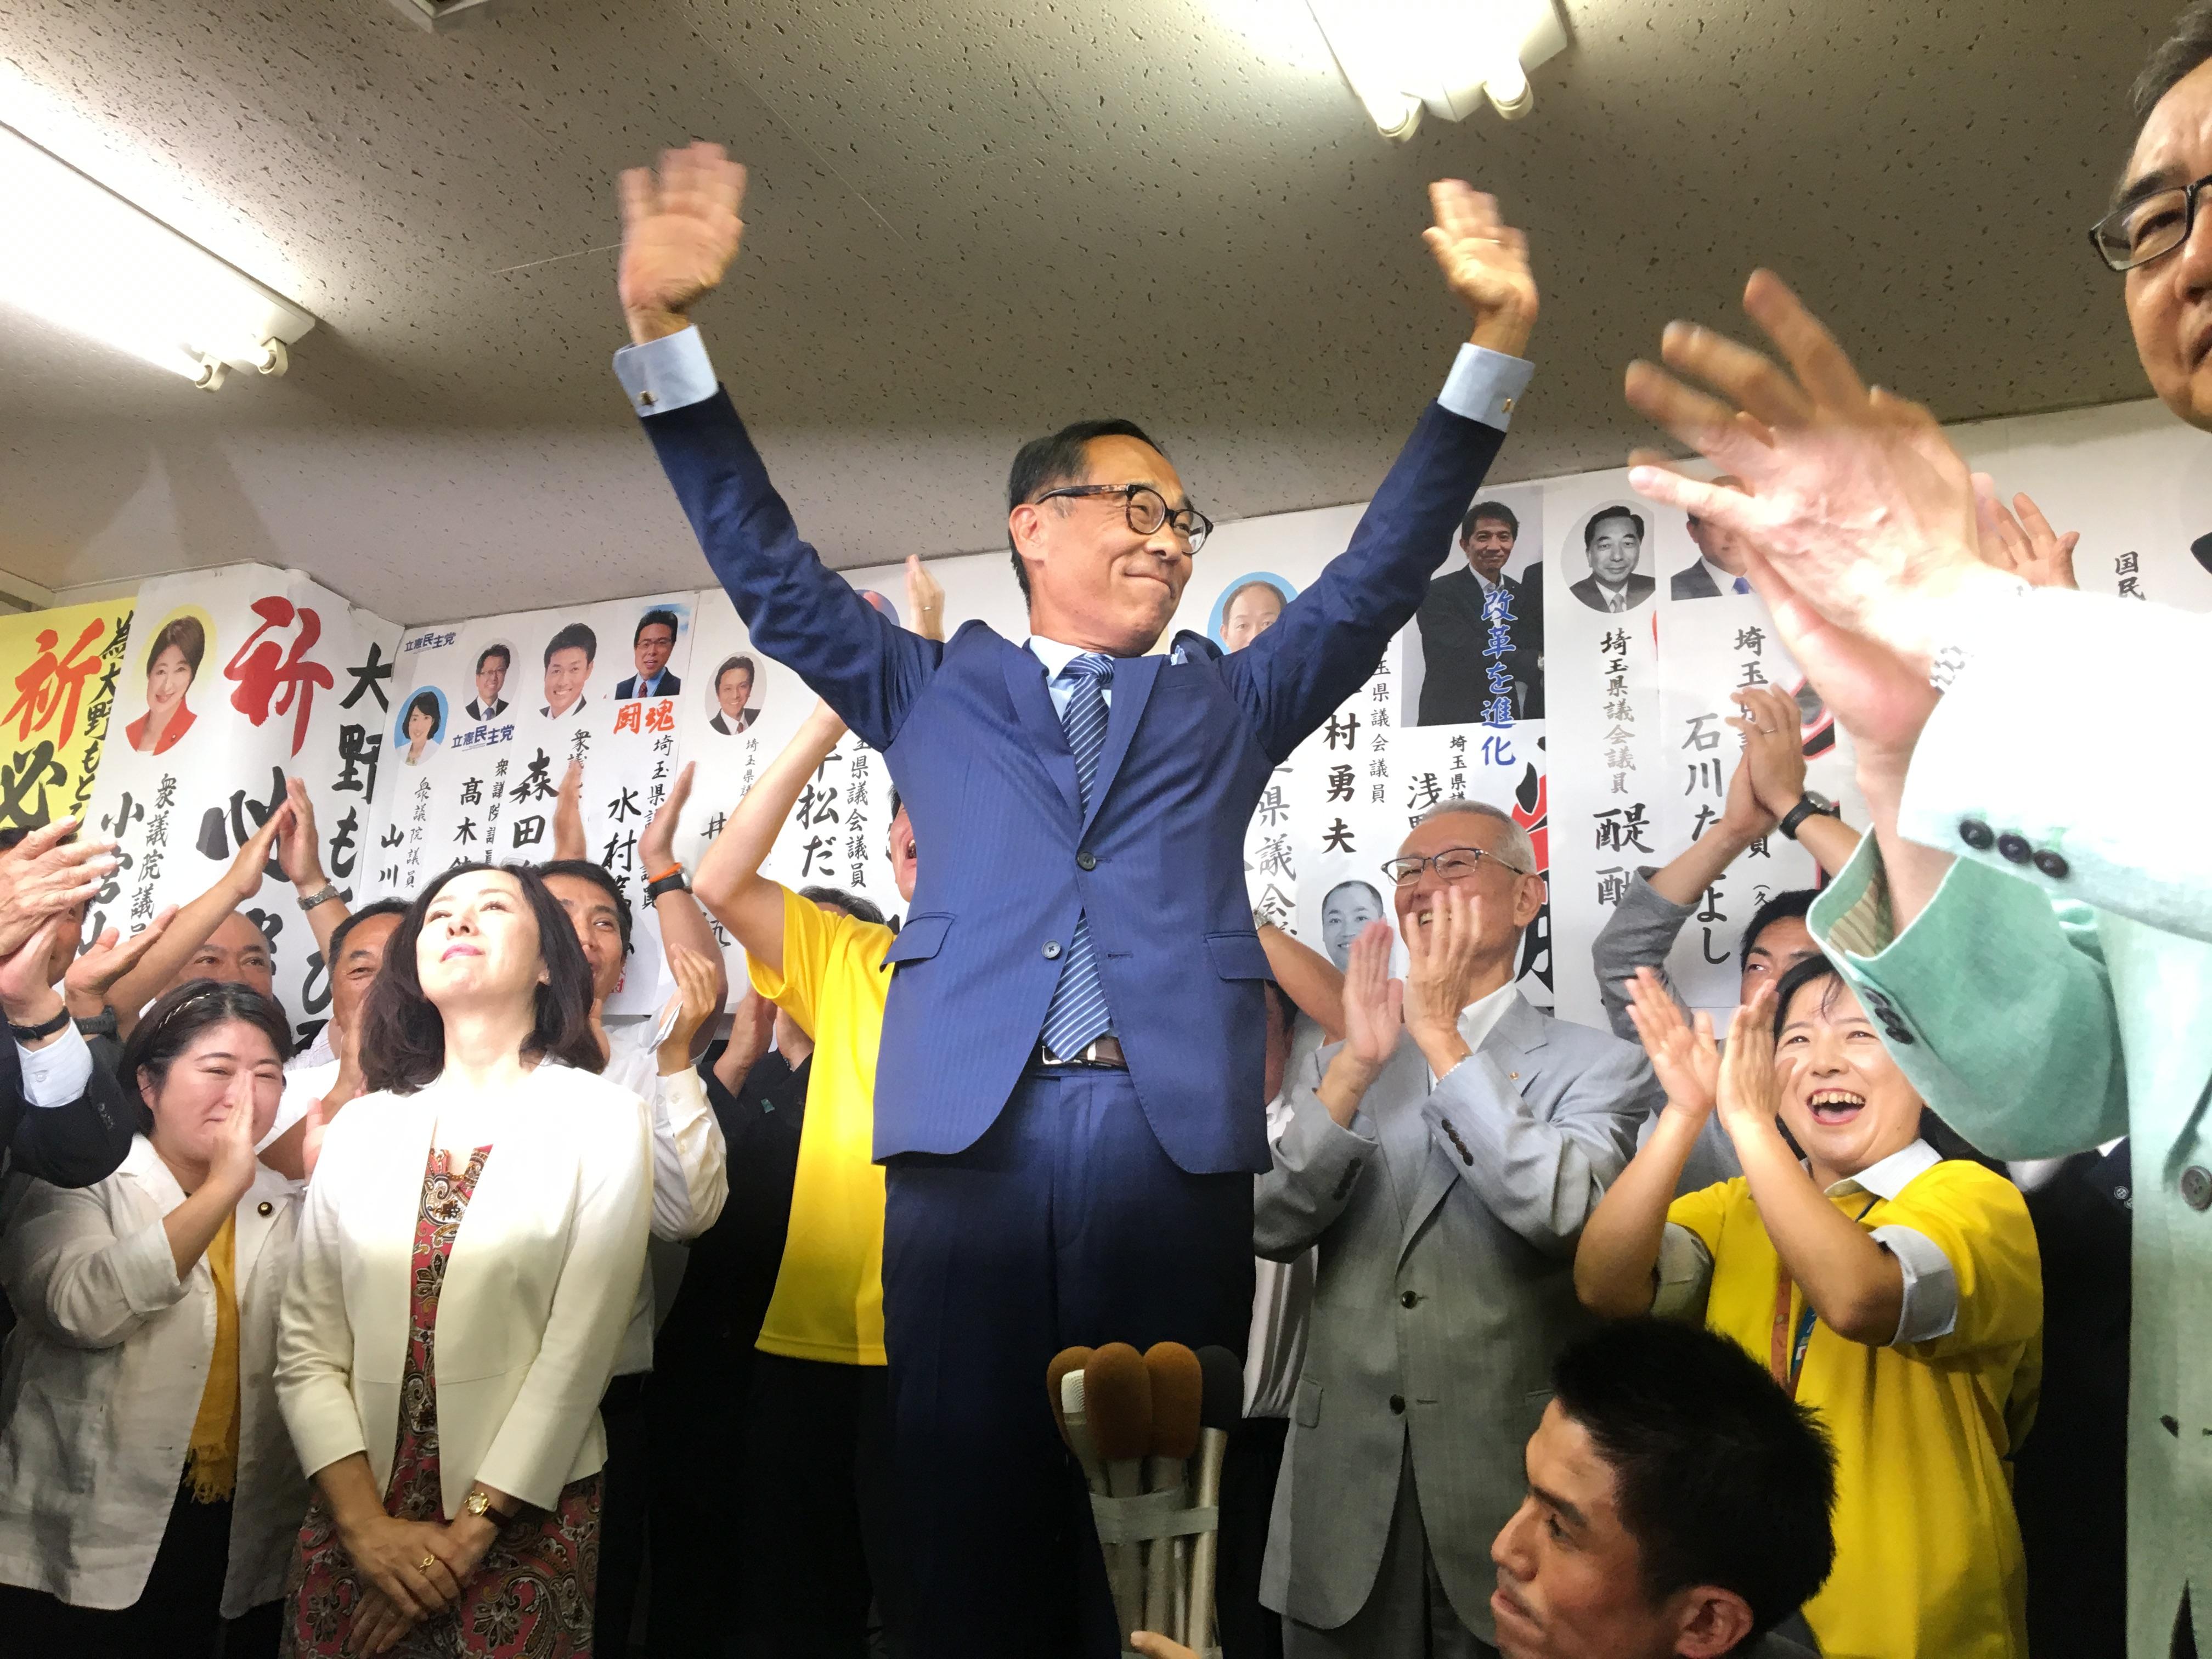 大野元裕氏が第61代埼玉県知事に当選 当確の瞬間を激写!